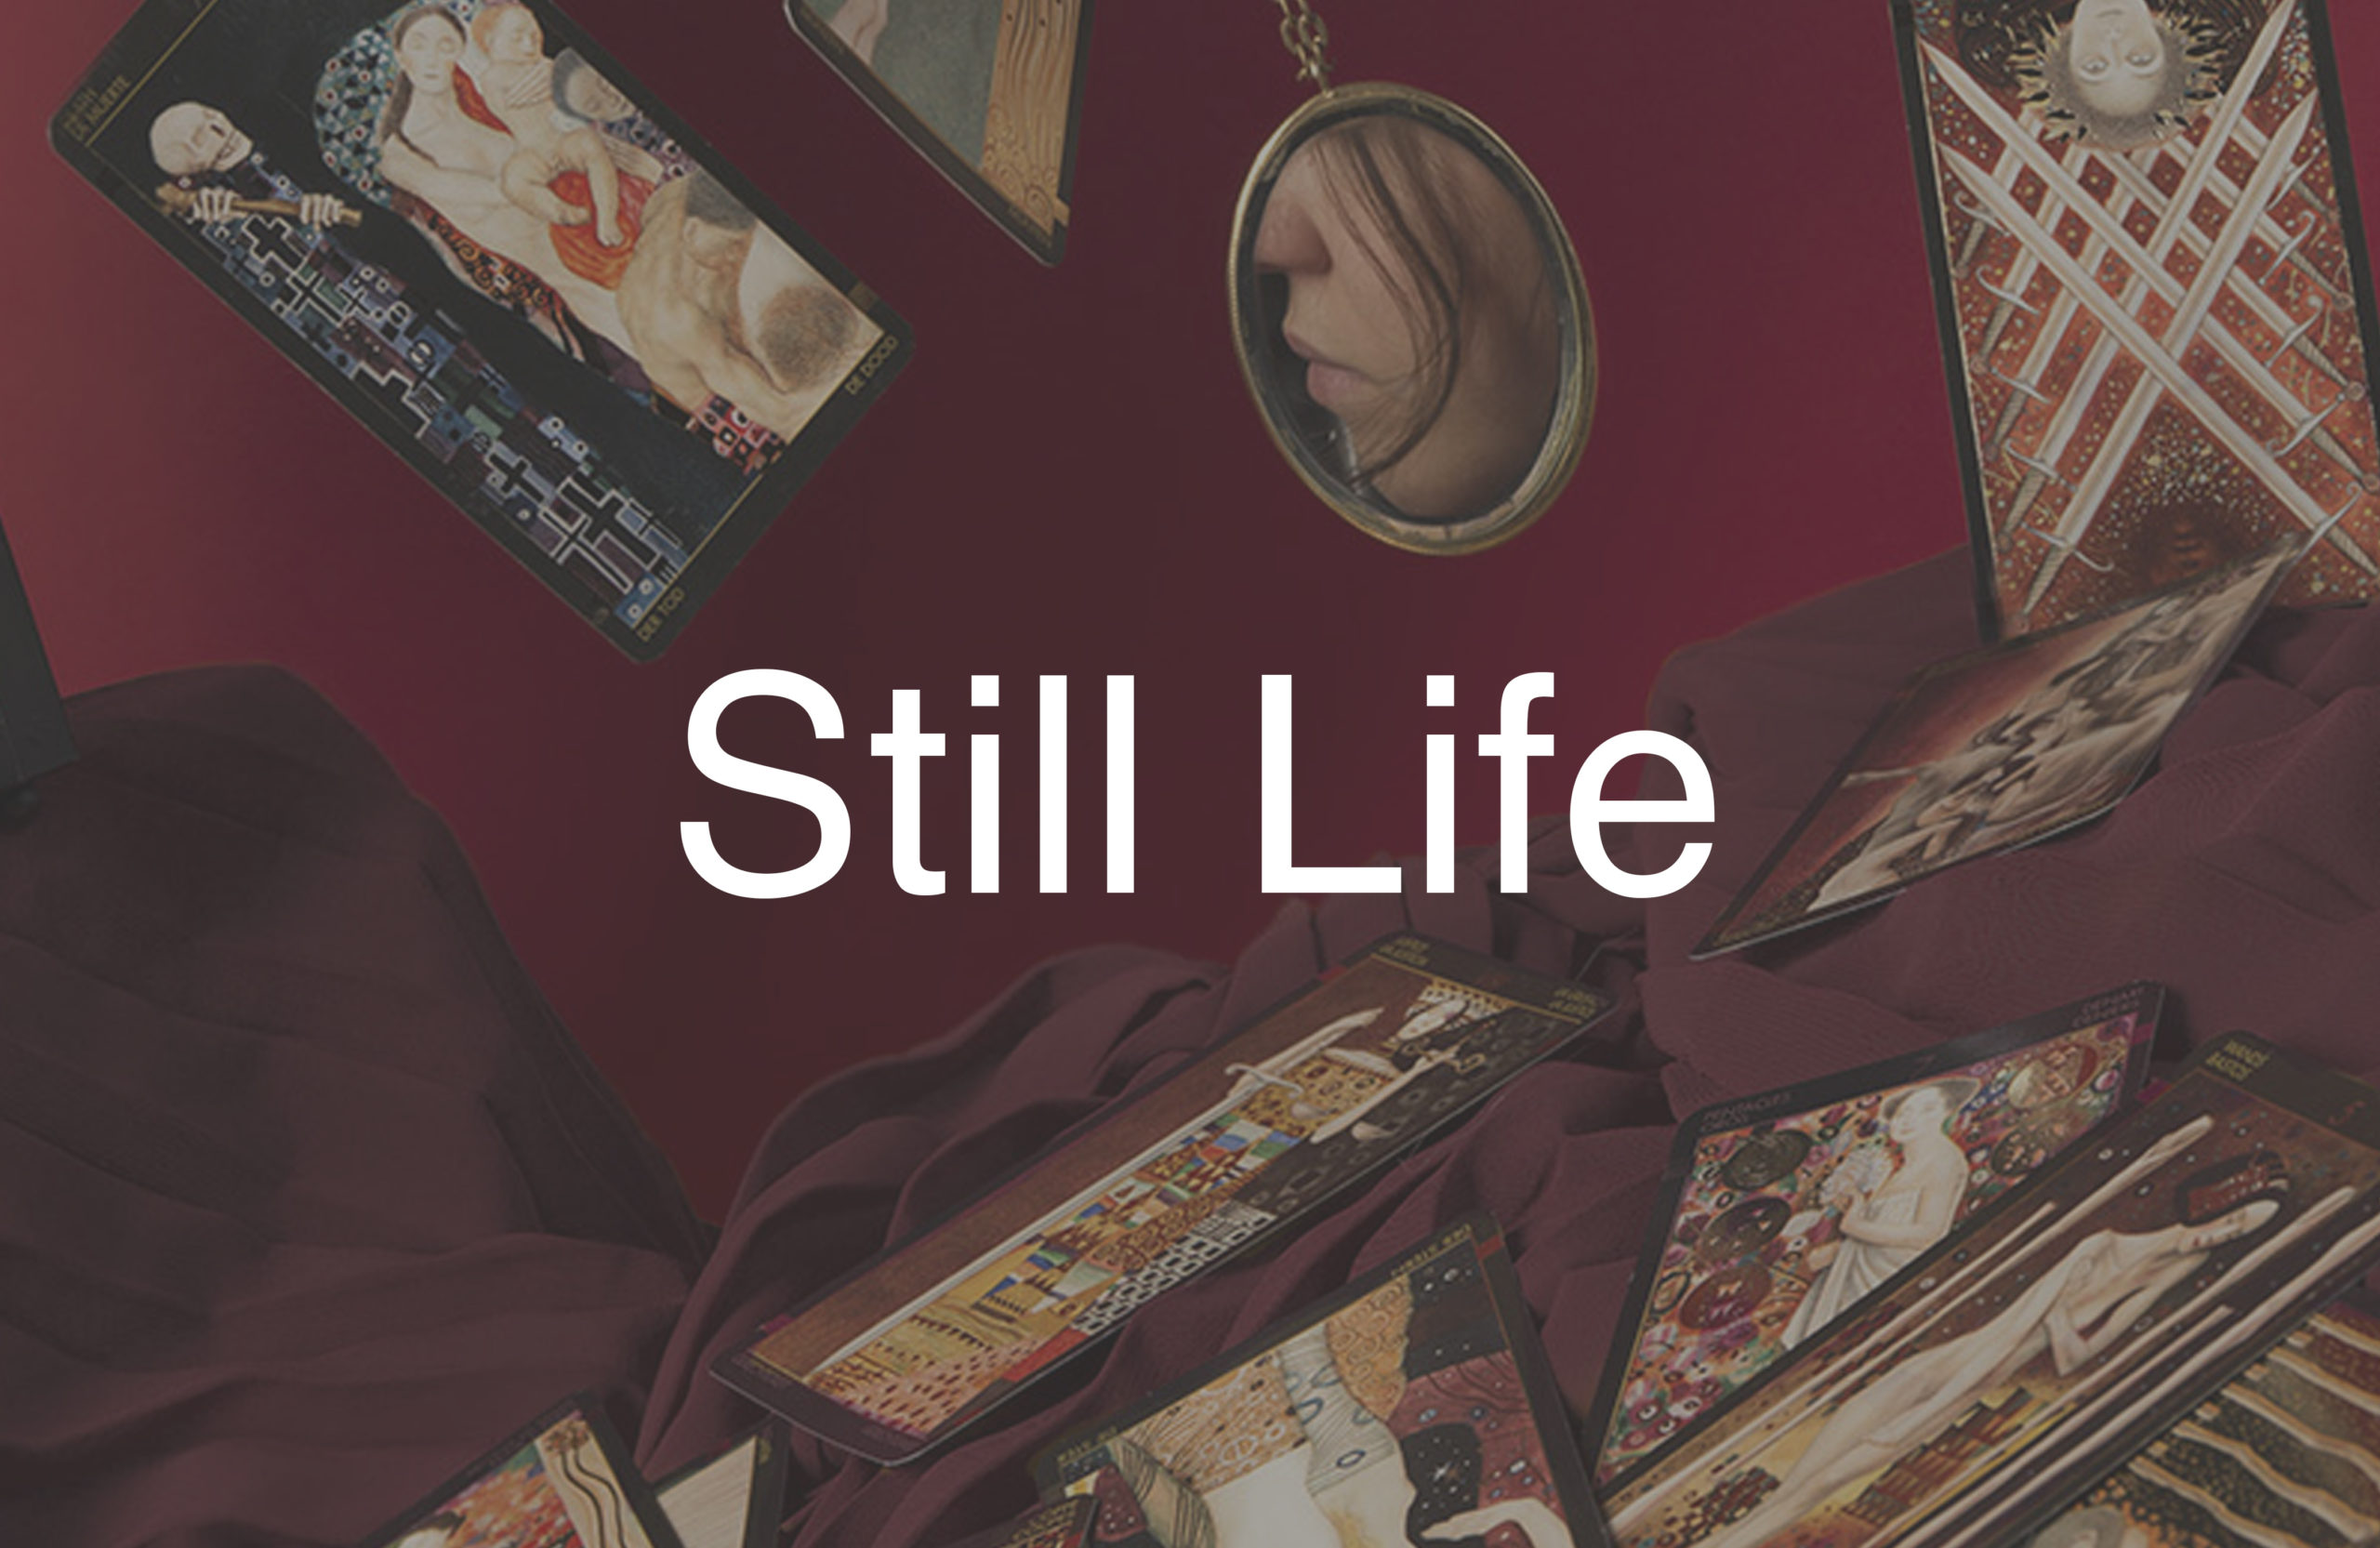 Titlecard still life